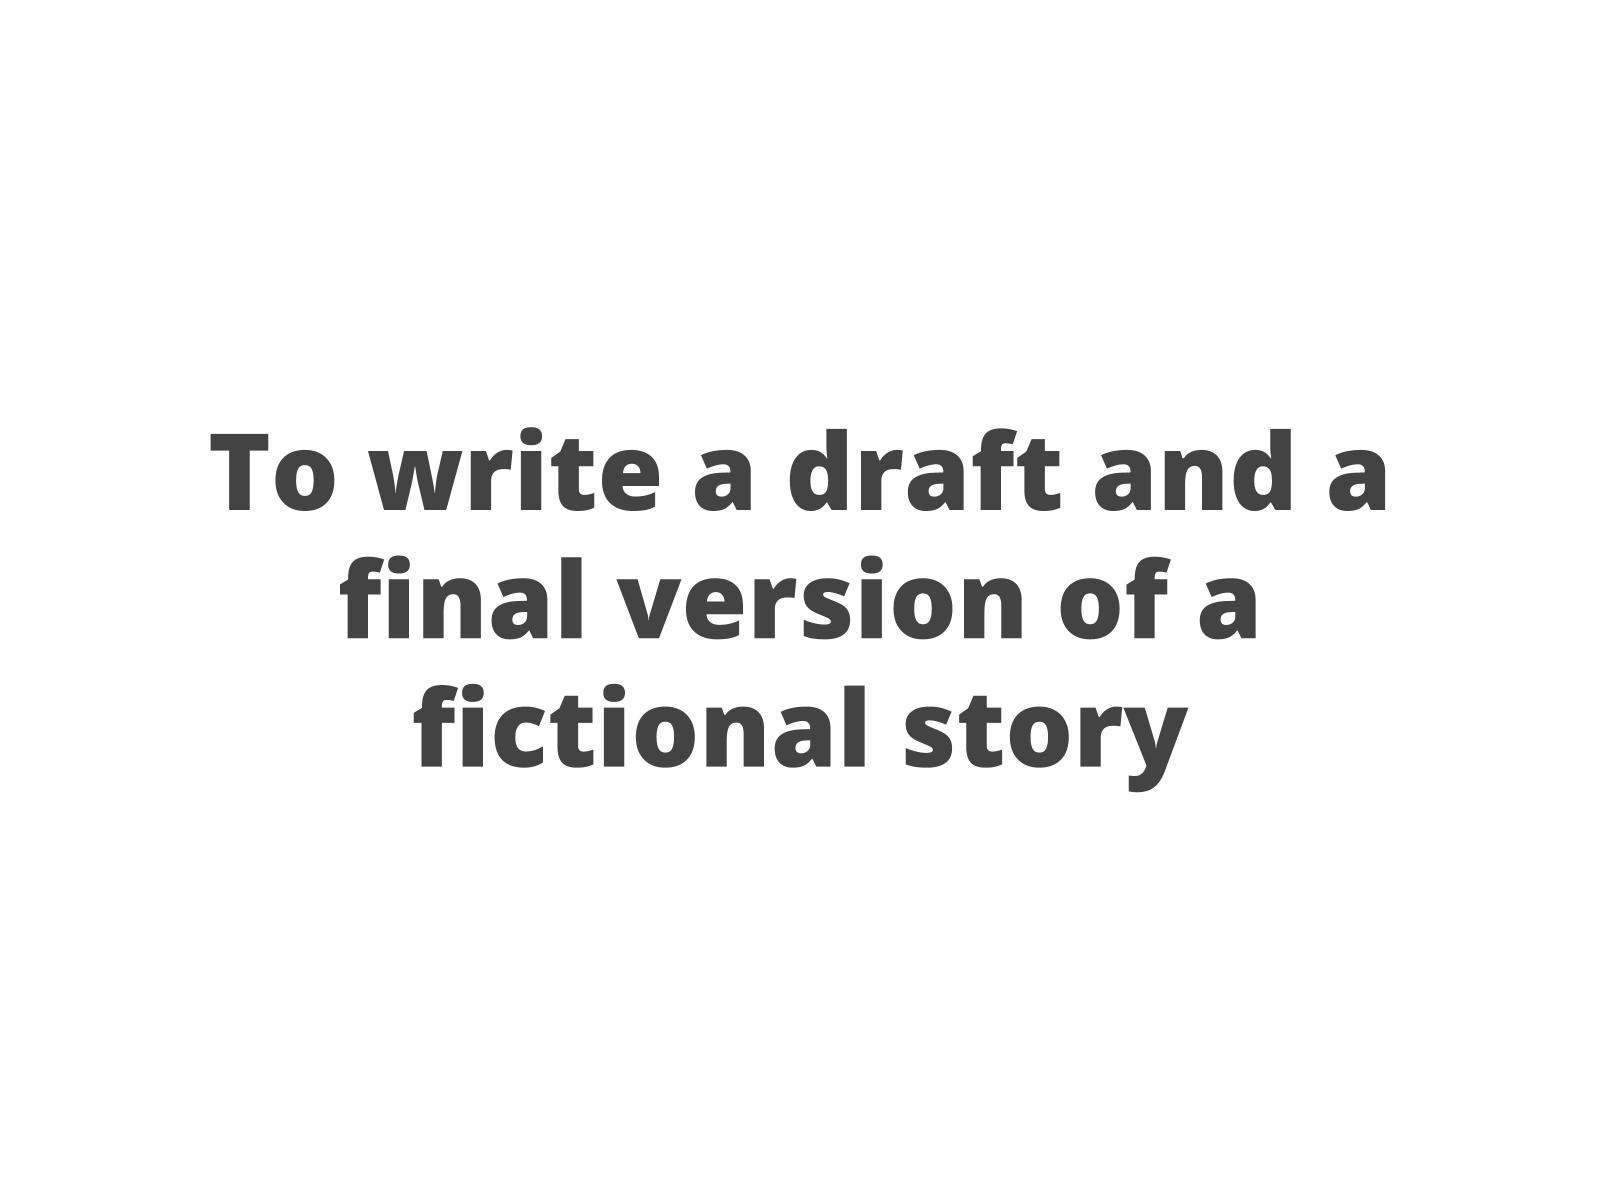 História de ficção